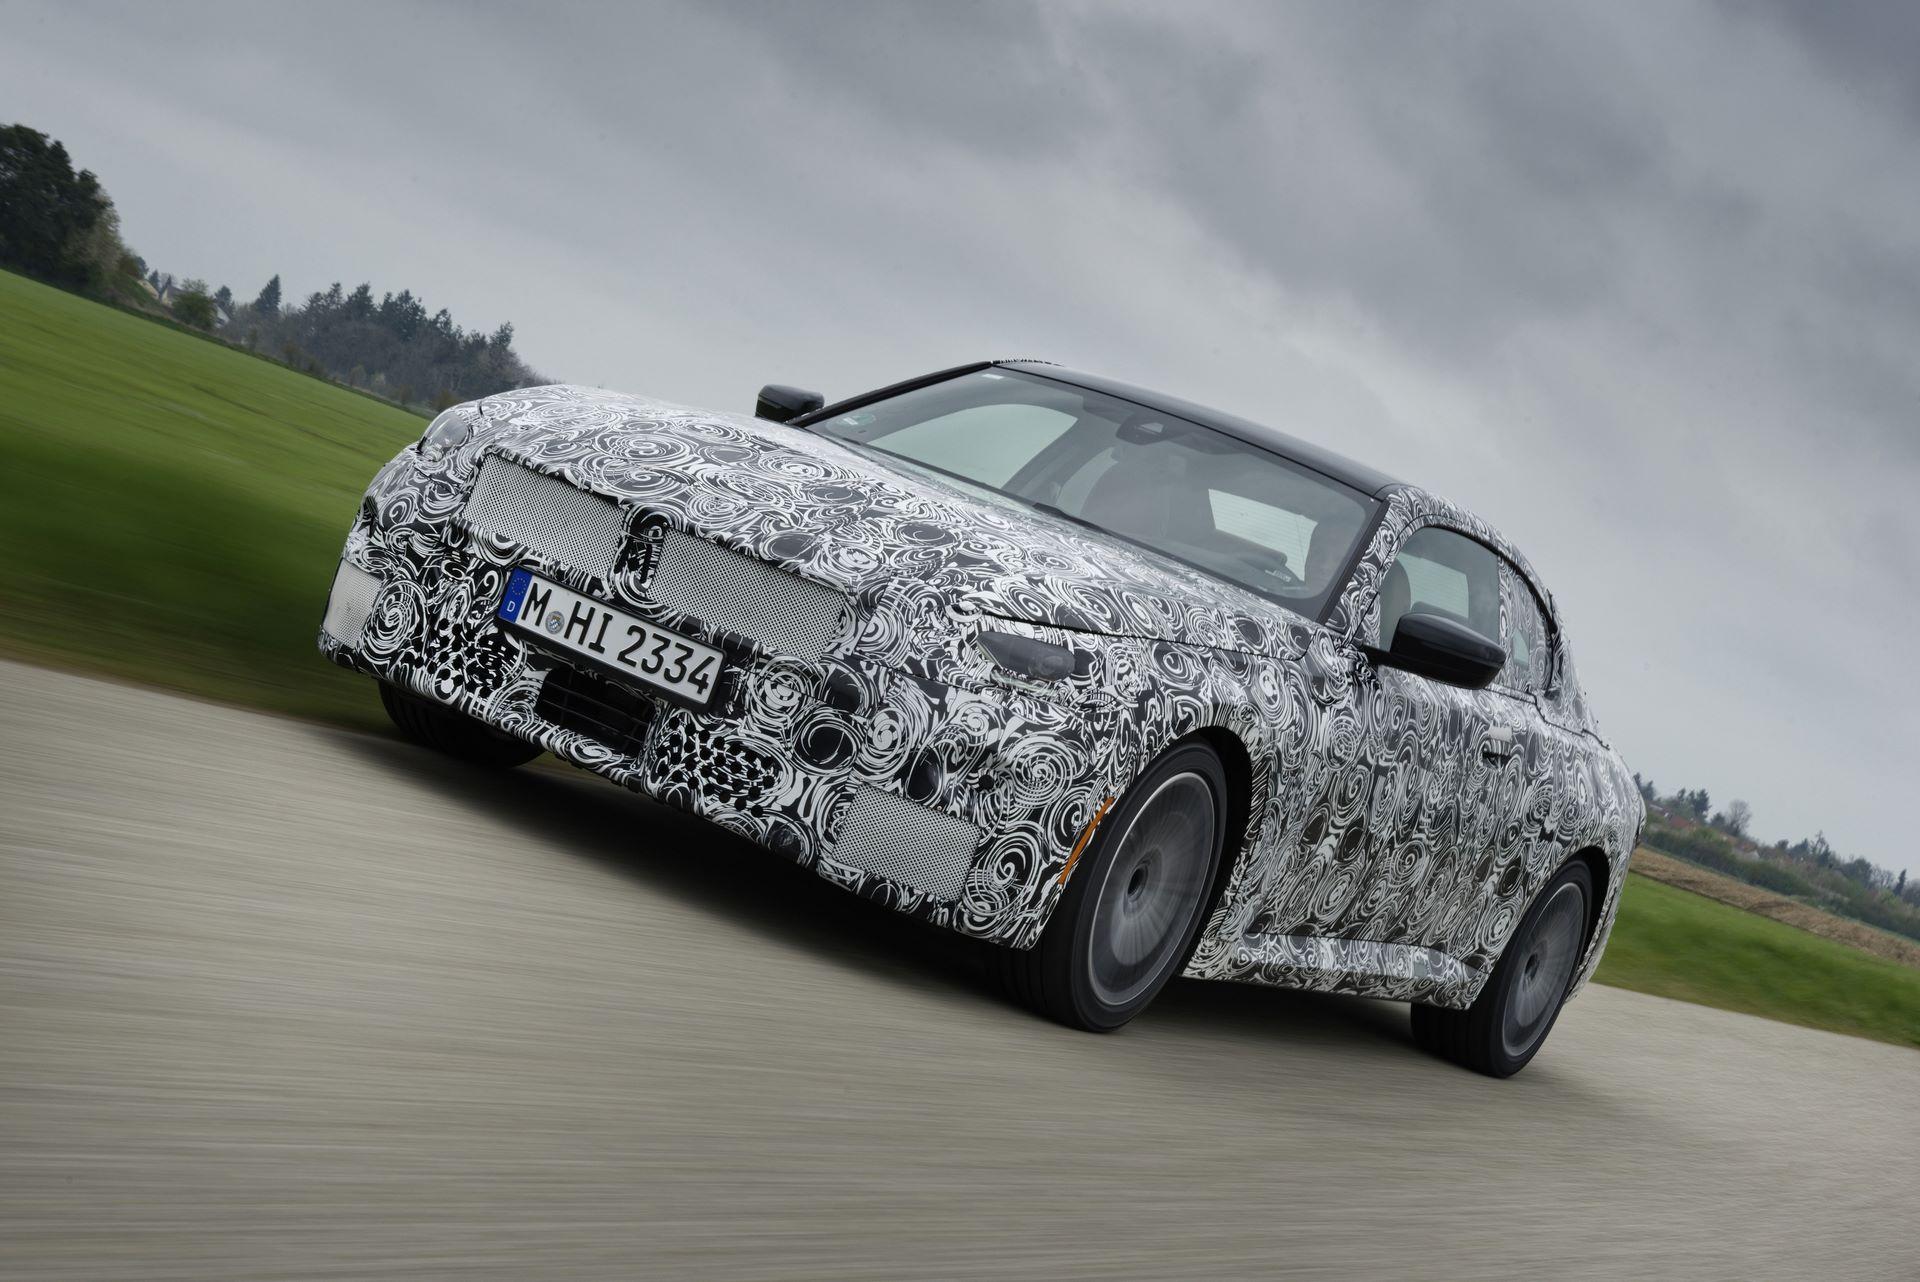 BMW-2-Series-M240i-spy-photos-28